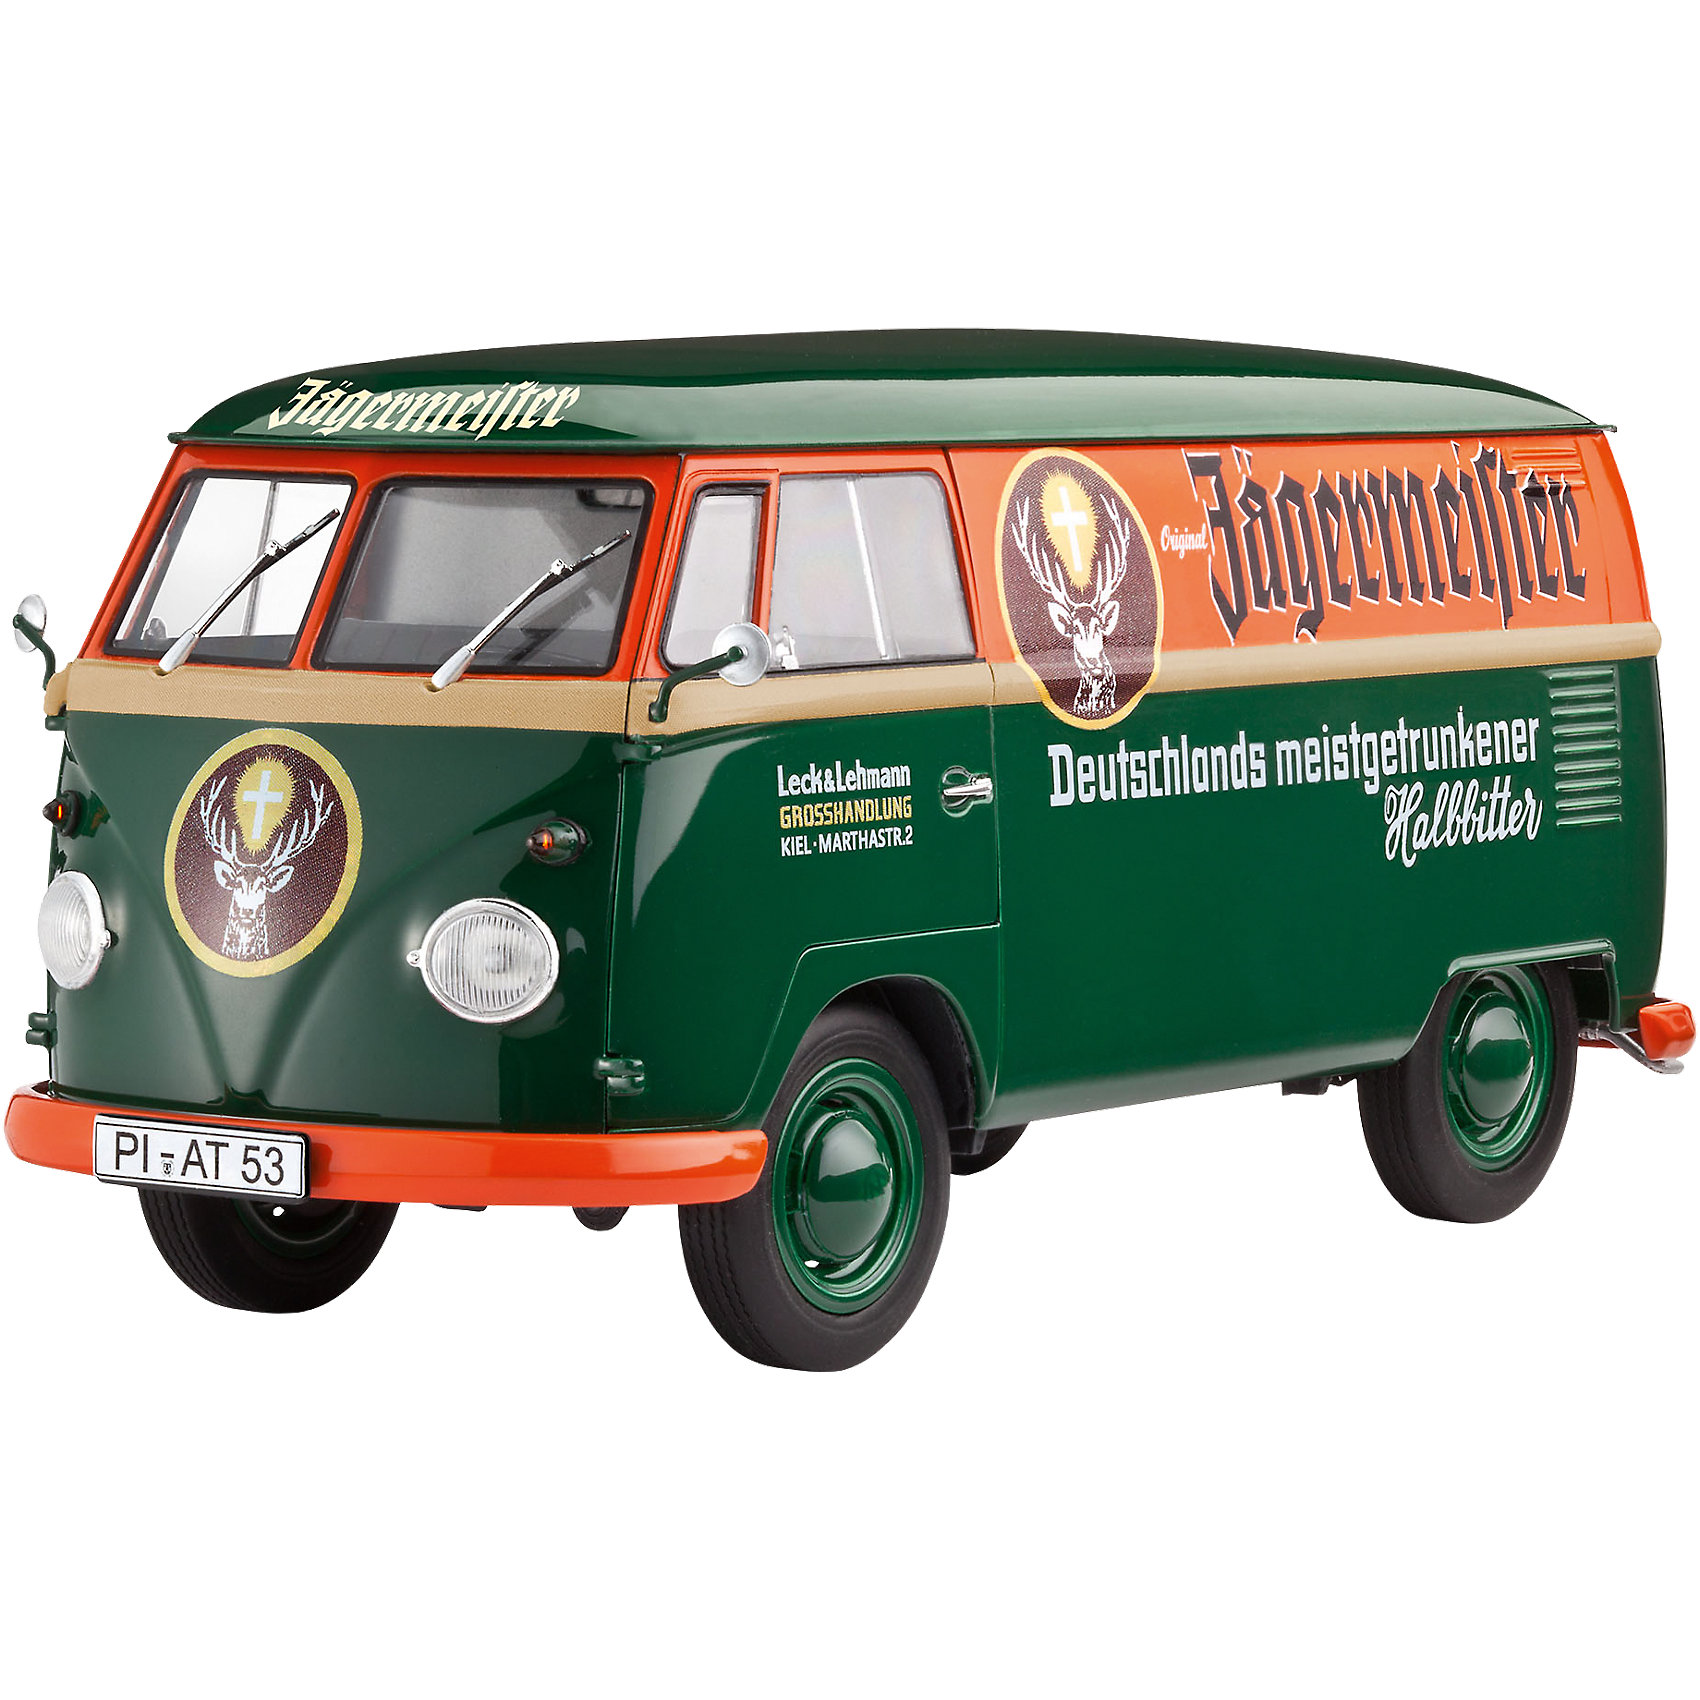 Гоночный автомобиль VW T1 Транспортер (Кастенваген)Модели для склеивания<br>Сборная модель легендарного микроавтобуса Transporter от компании Volkswagen. Эти машины производились в Германии с 1967 по 1979 годы. Всего было построено около 2,5 миллионов автомобилей. Треть из них была отправлена на экспорт. В 1997 году производство было возобновлено в Бразилии.  <br>Масштаб: 1:24 <br>Количество деталей:124 <br>Длина модели: 205 мм <br>Уровень сложности: 3.<br><br>Ширина мм: 358<br>Глубина мм: 215<br>Высота мм: 86<br>Вес г: 449<br>Возраст от месяцев: 144<br>Возраст до месяцев: 192<br>Пол: Мужской<br>Возраст: Детский<br>SKU: 4171731